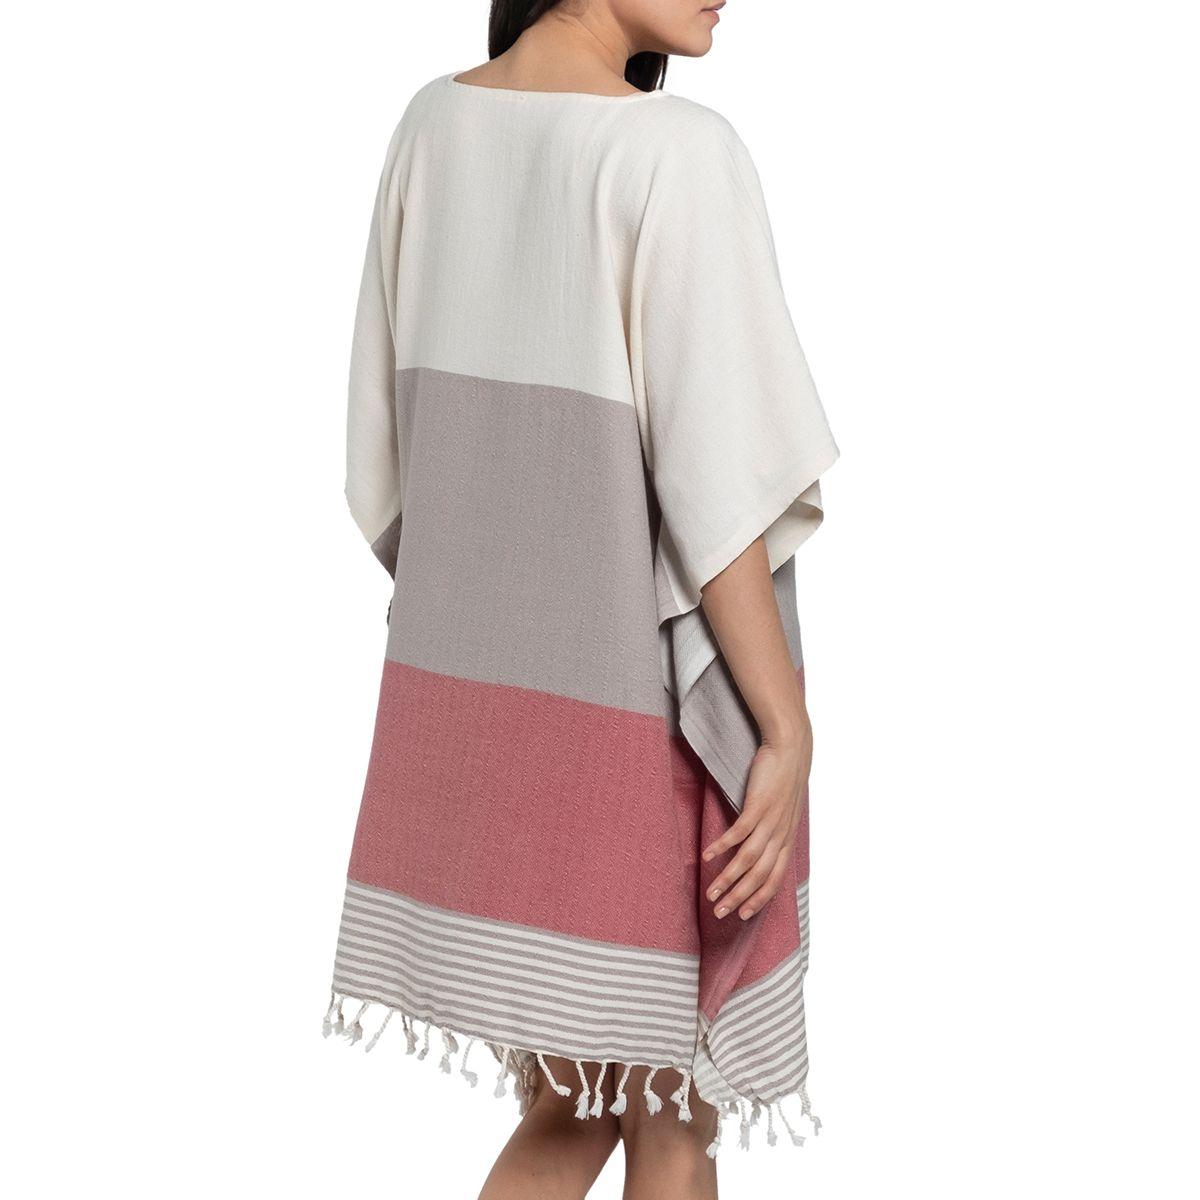 Elbise İkiz Sultan / Kum Bej - Gül Kurusu